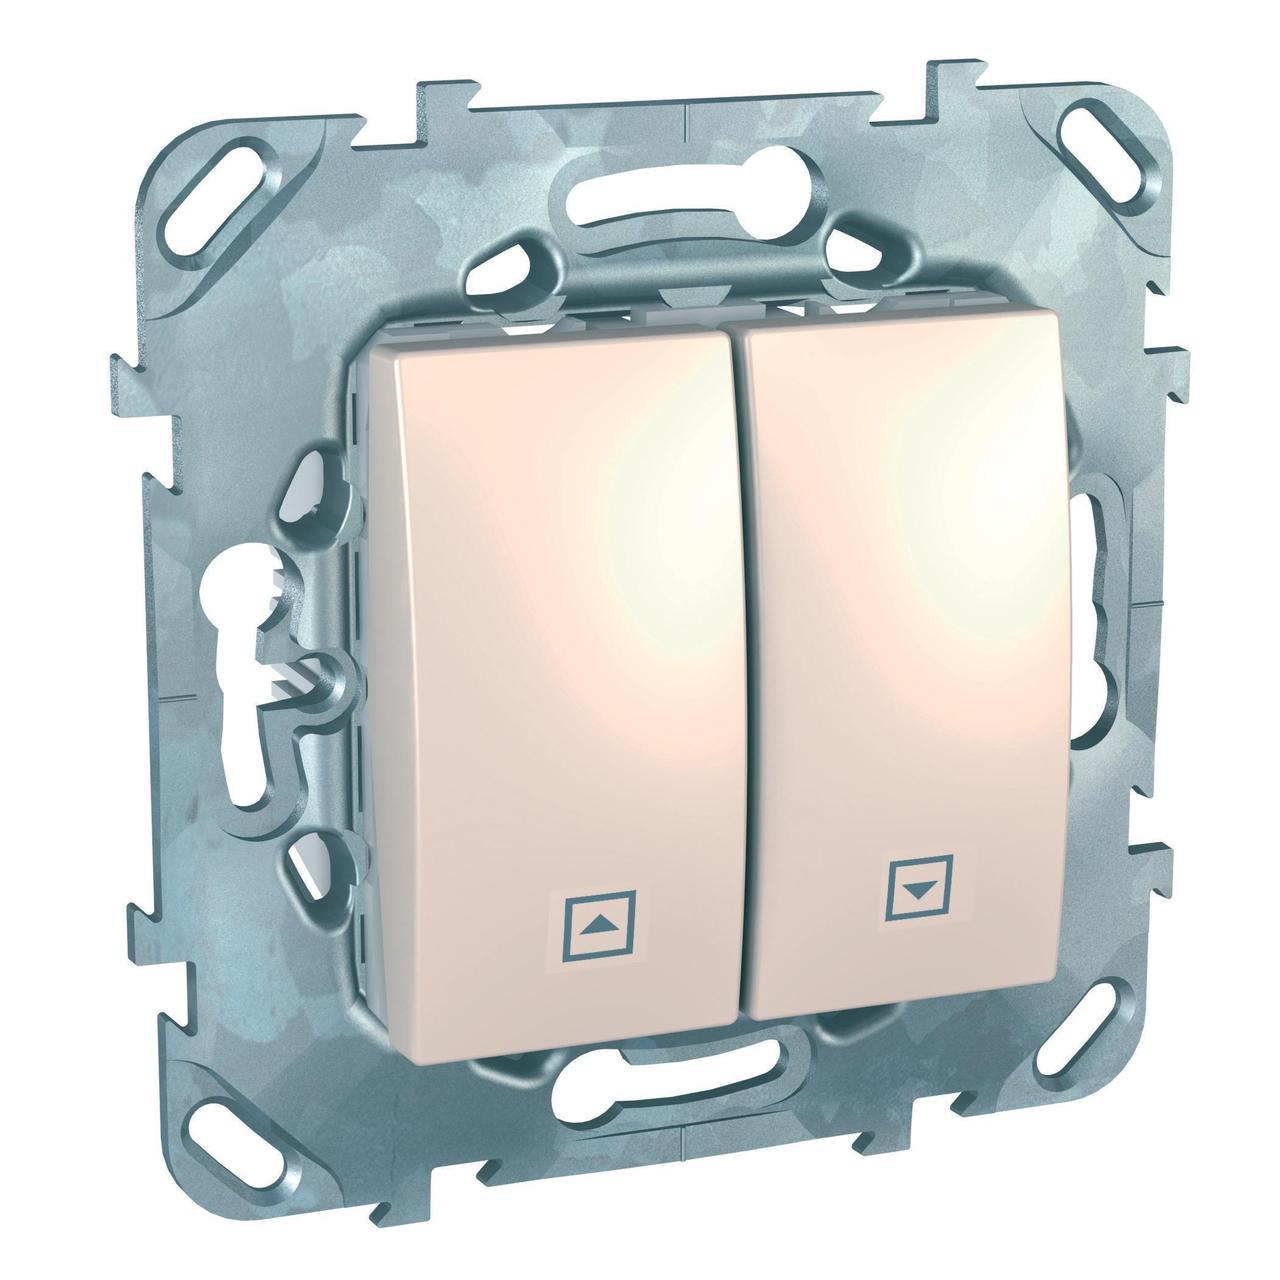 Выключатель для жалюзи (рольставней) с фиксацией , Бежевый, серия Unica, Schneider Electric